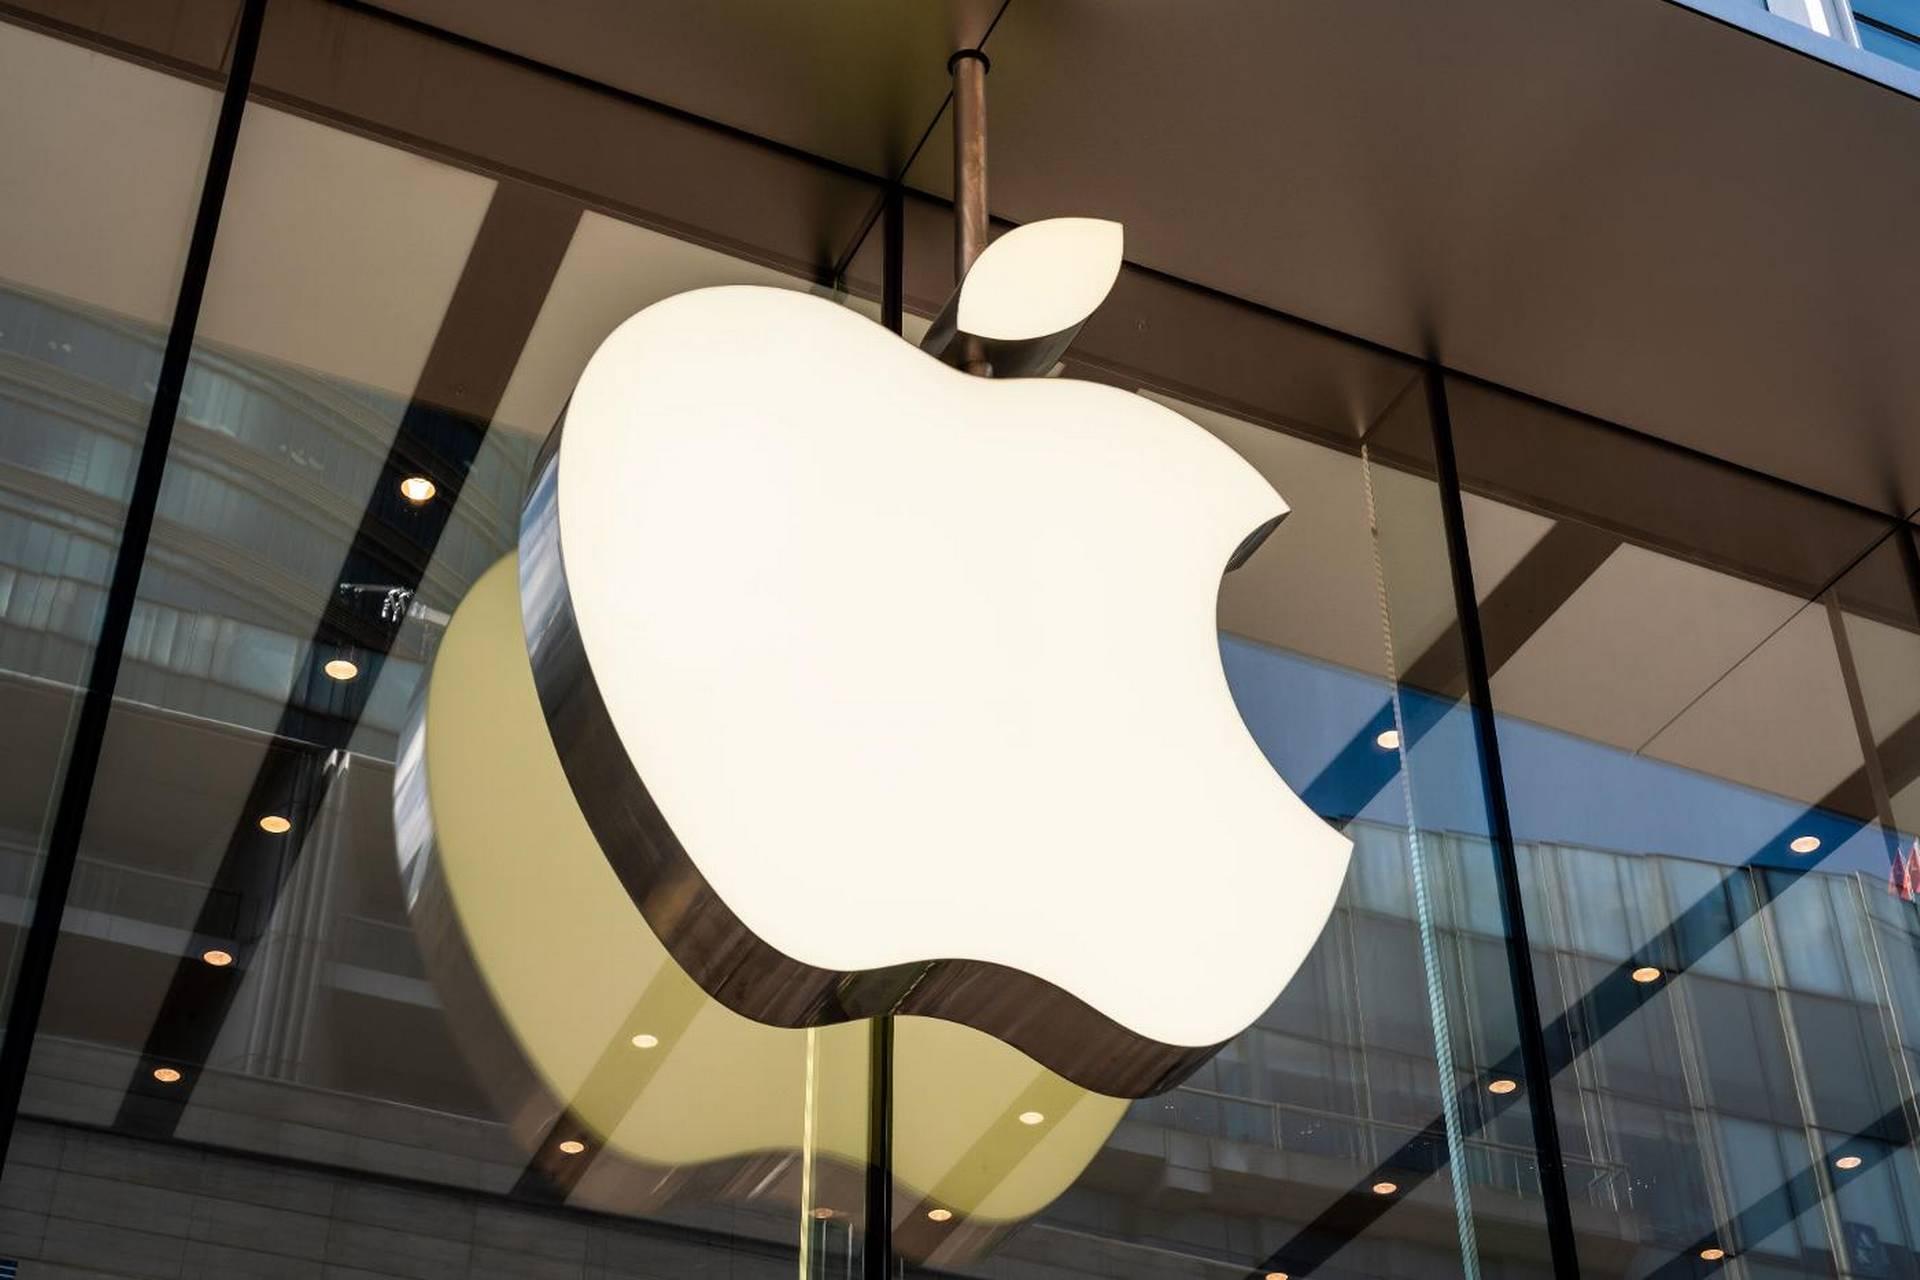 تعمیر ال سی دی آیفون اپل - تعویض ال سی دی آیفون اپل